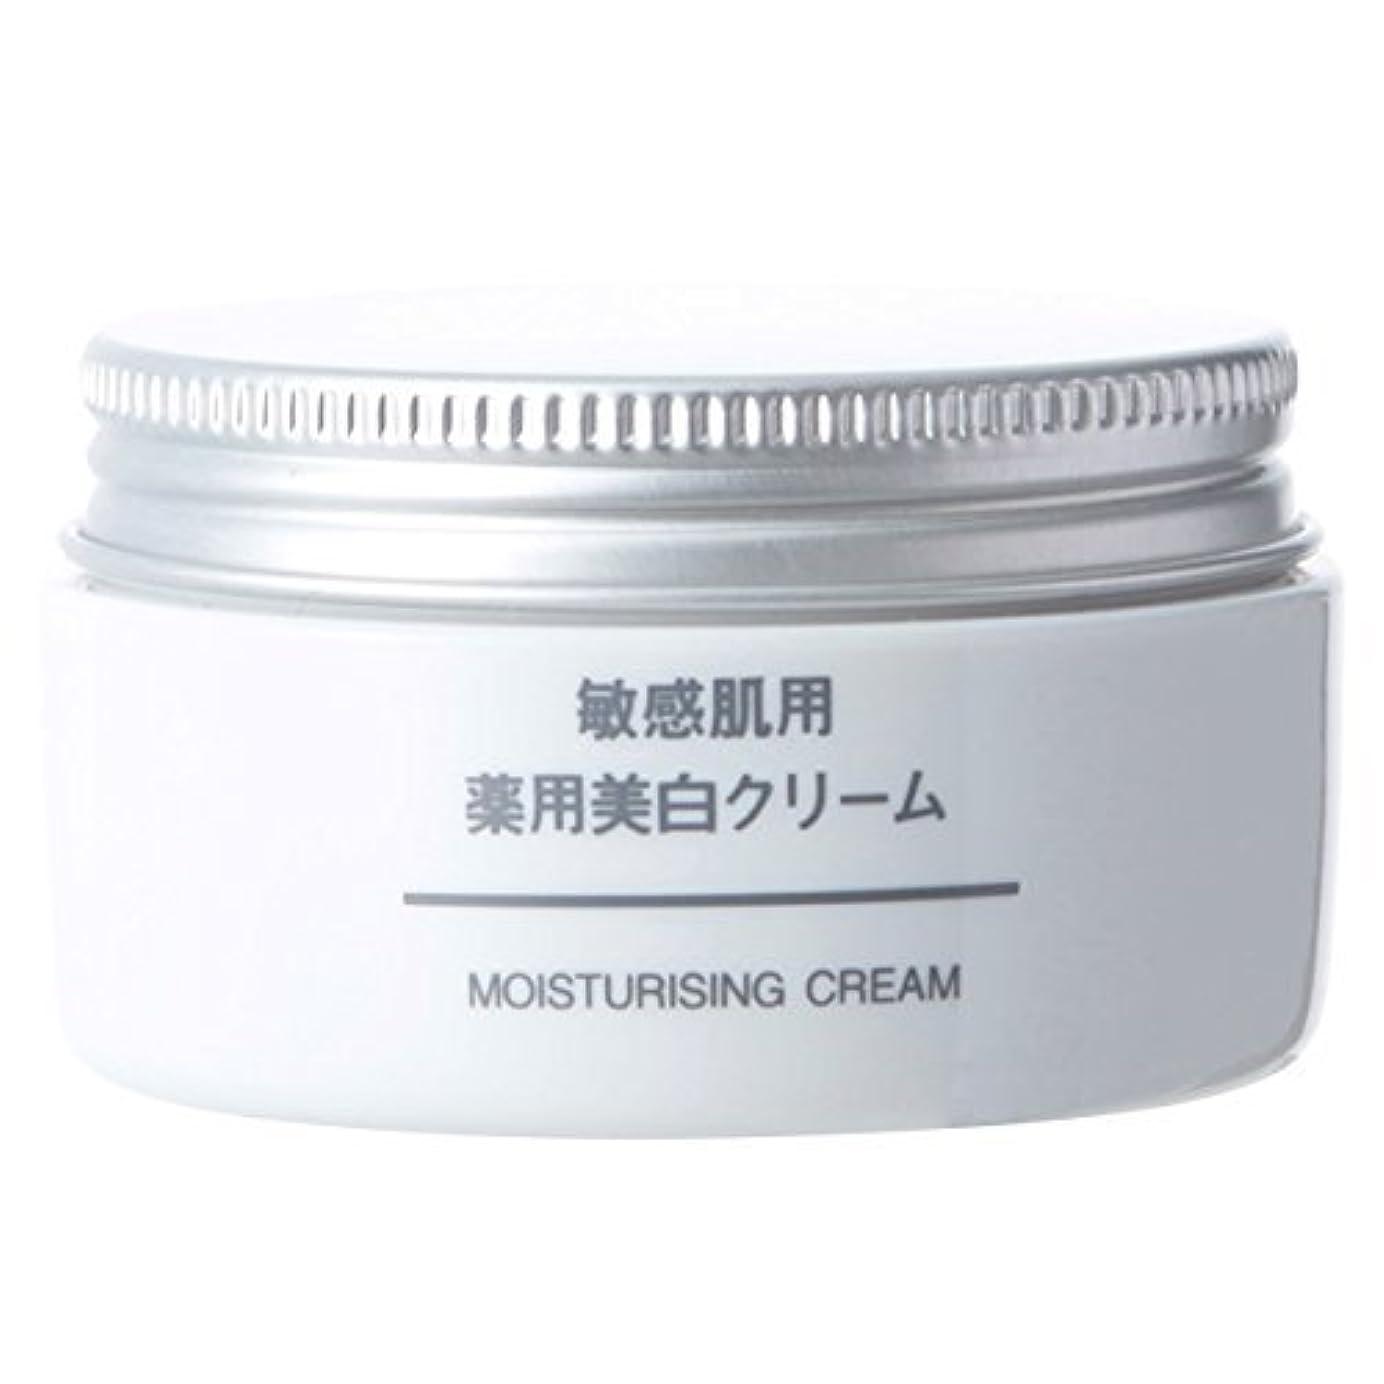 トロリーシャーロットブロンテ十分です無印良品 敏感肌用薬用美白クリーム (新)45g